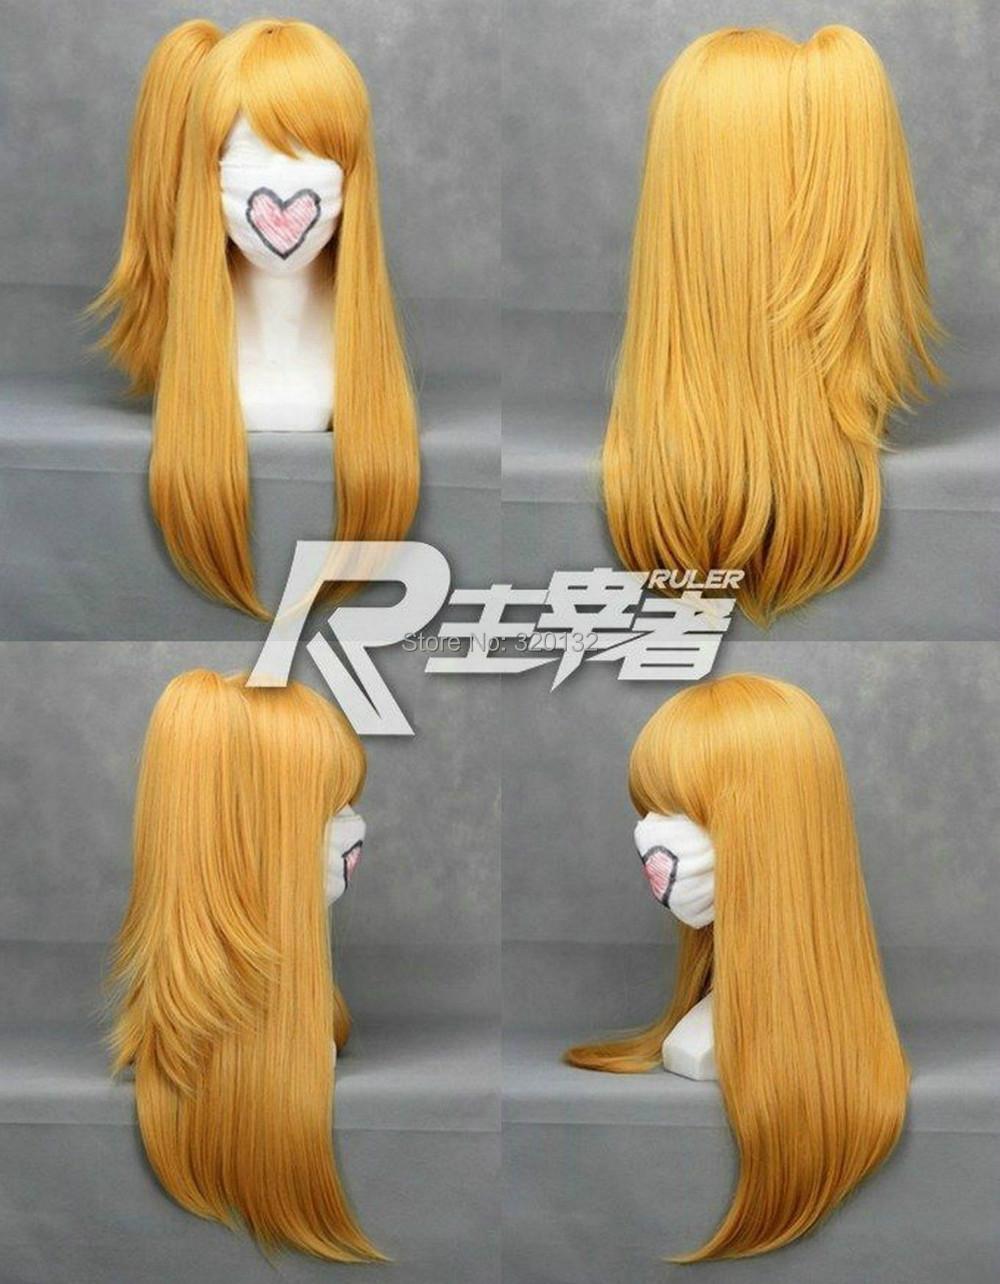 Lucy Heartfilia Cosplay Wig Heartfilia Cosplay Wig